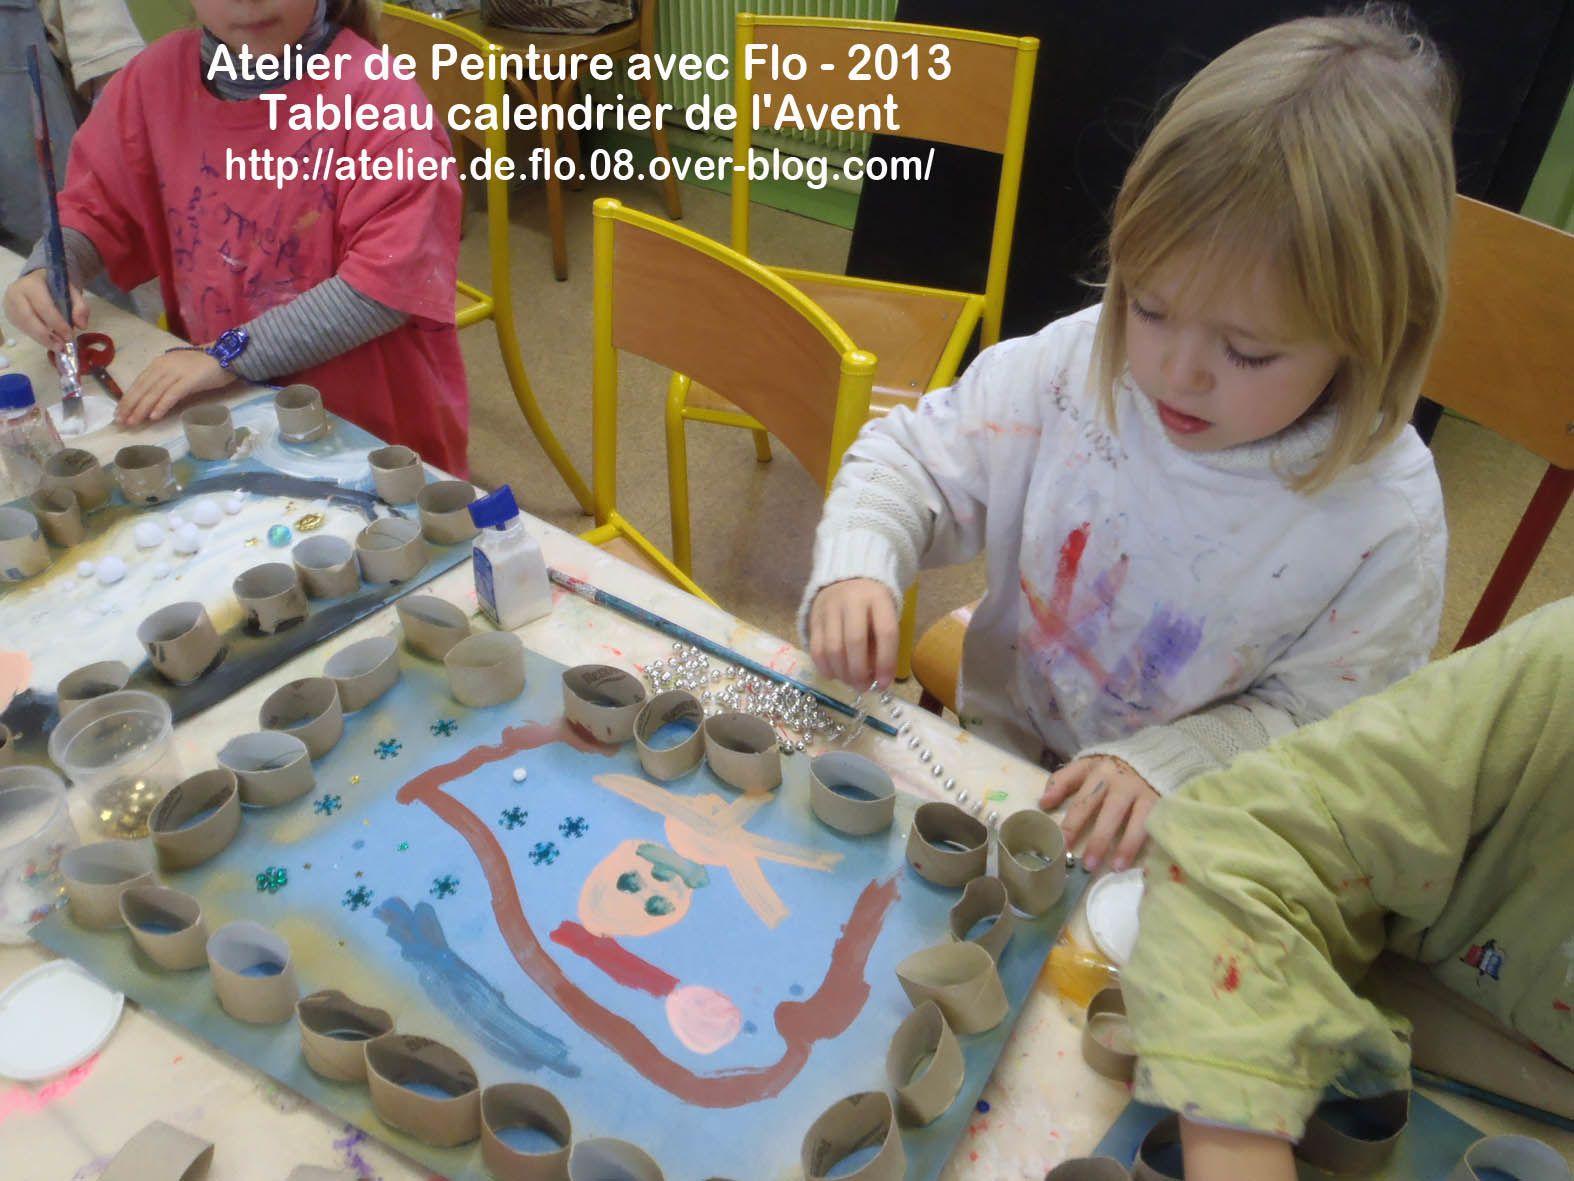 Les jeunes artistes de l'école à l'oeuvre